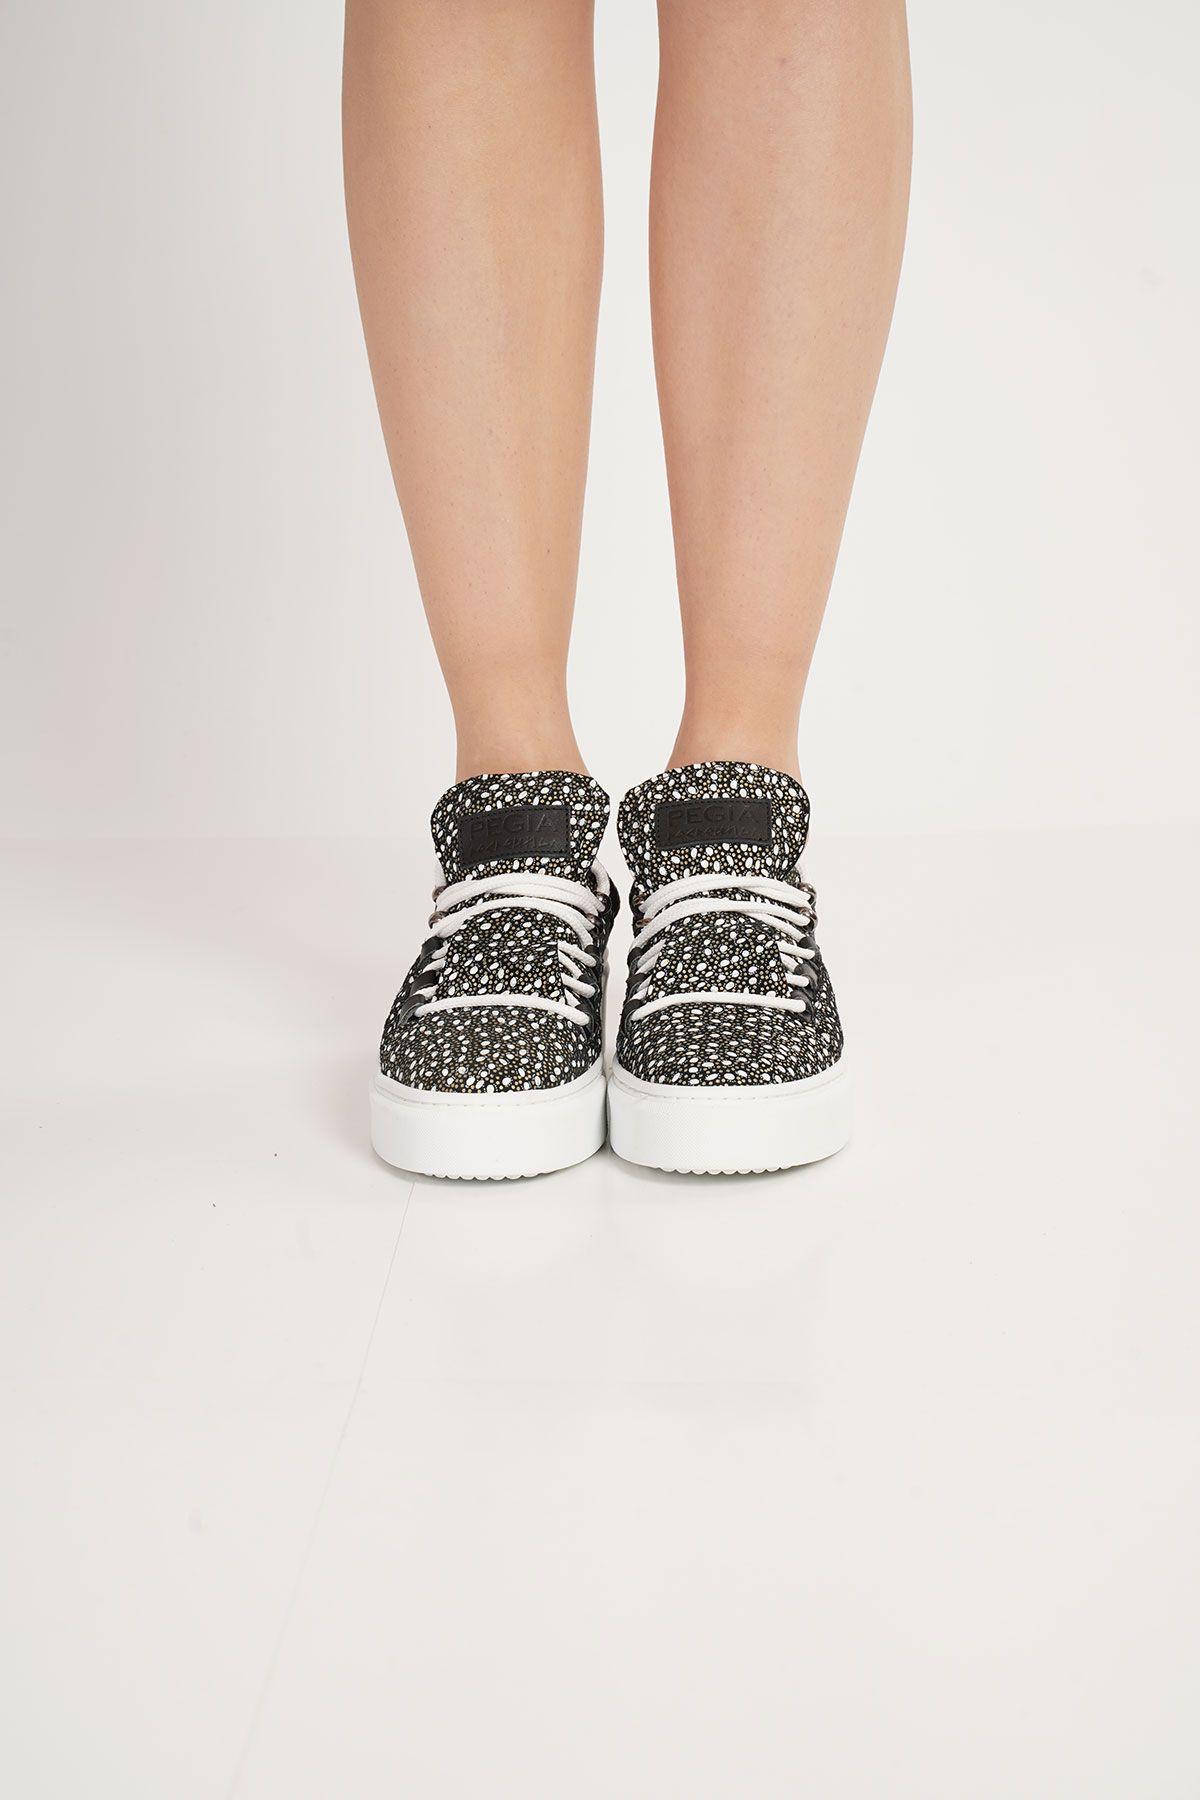 Pegia Genuine Leather Women's Sneaker LA1710 Black